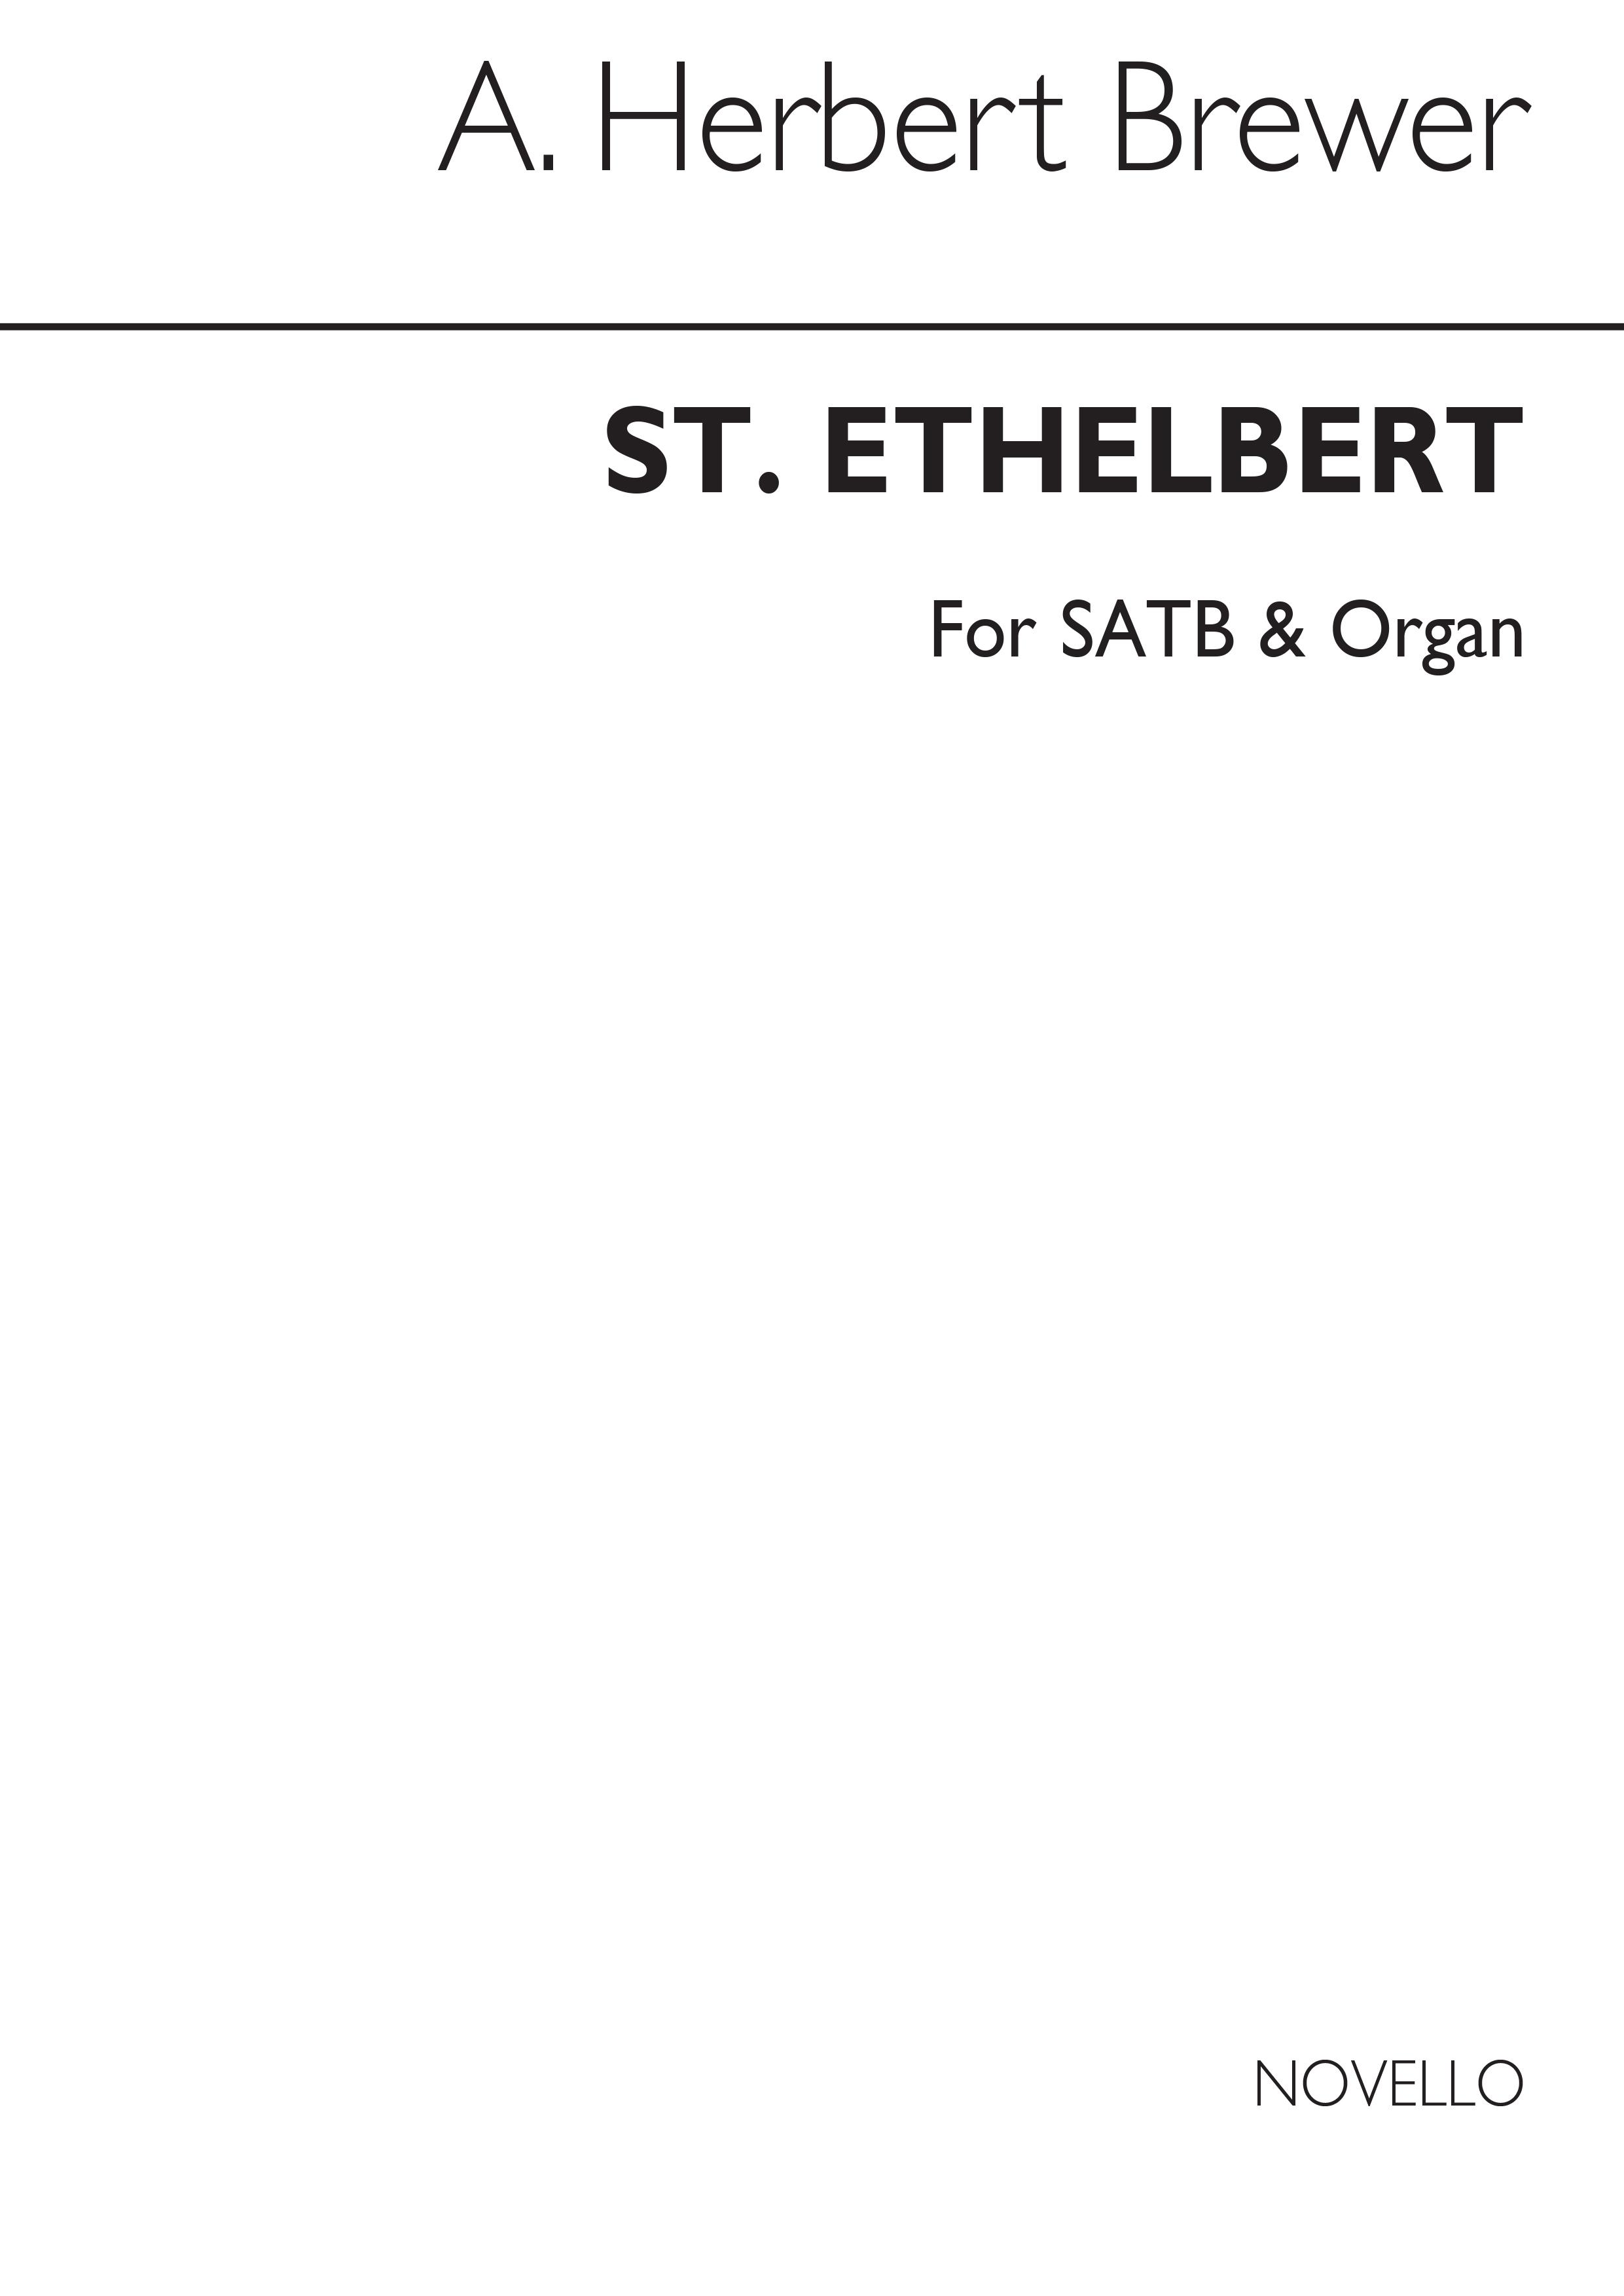 A. Herbert Brewer: St Ethelbert (Hymn-tune): SATB: Vocal Score